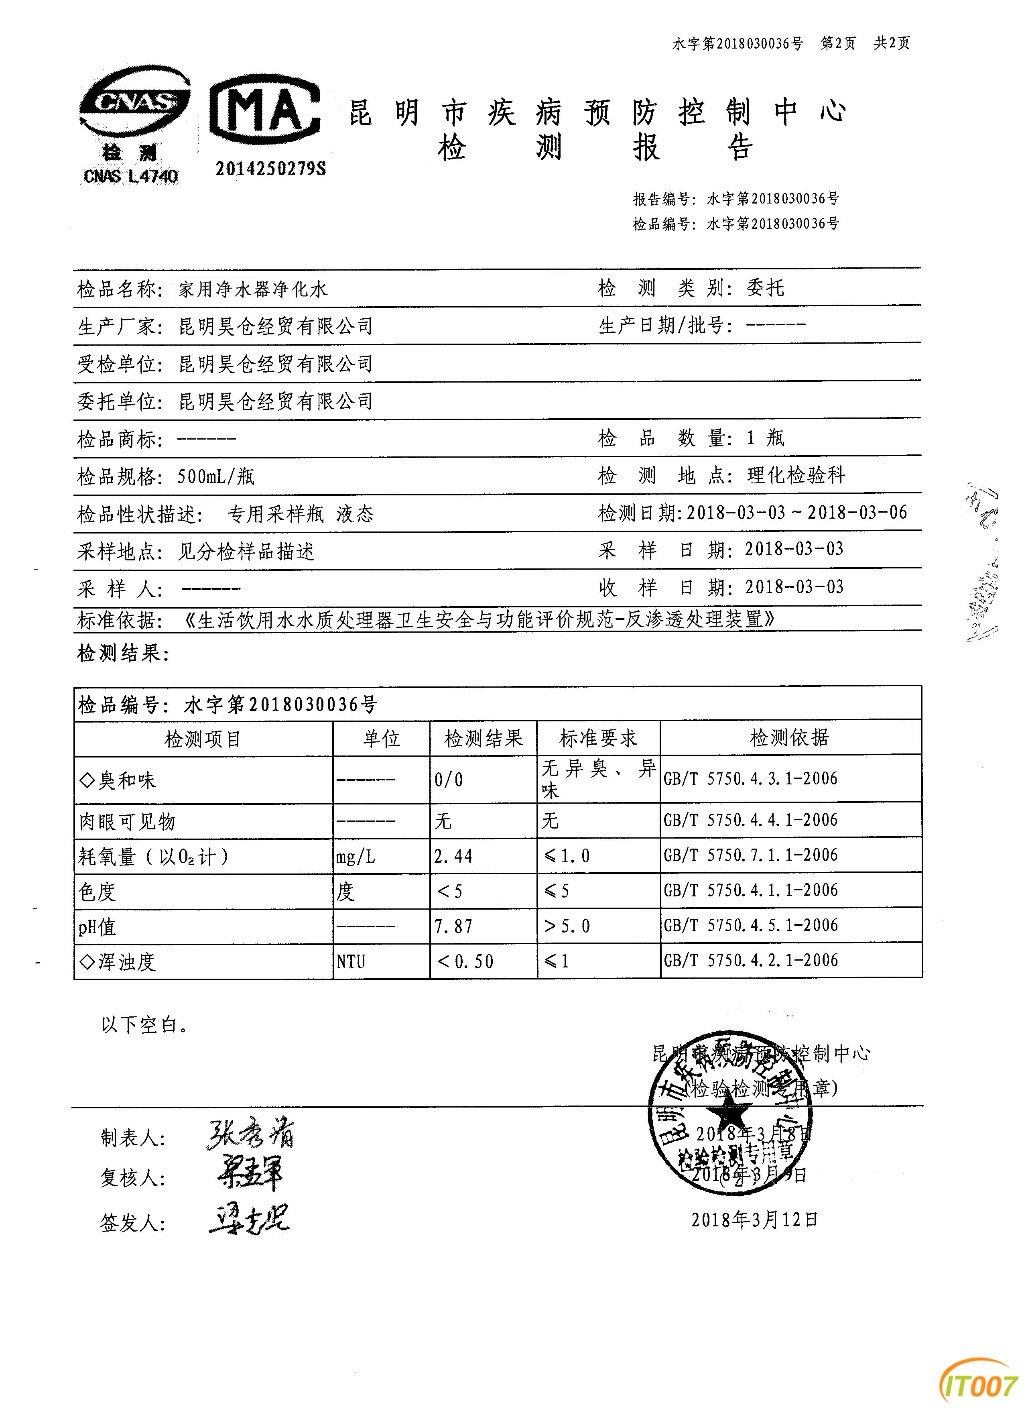 8DA0C8E2-1B09-435B-87CD-DB6FA34589B5.jpeg